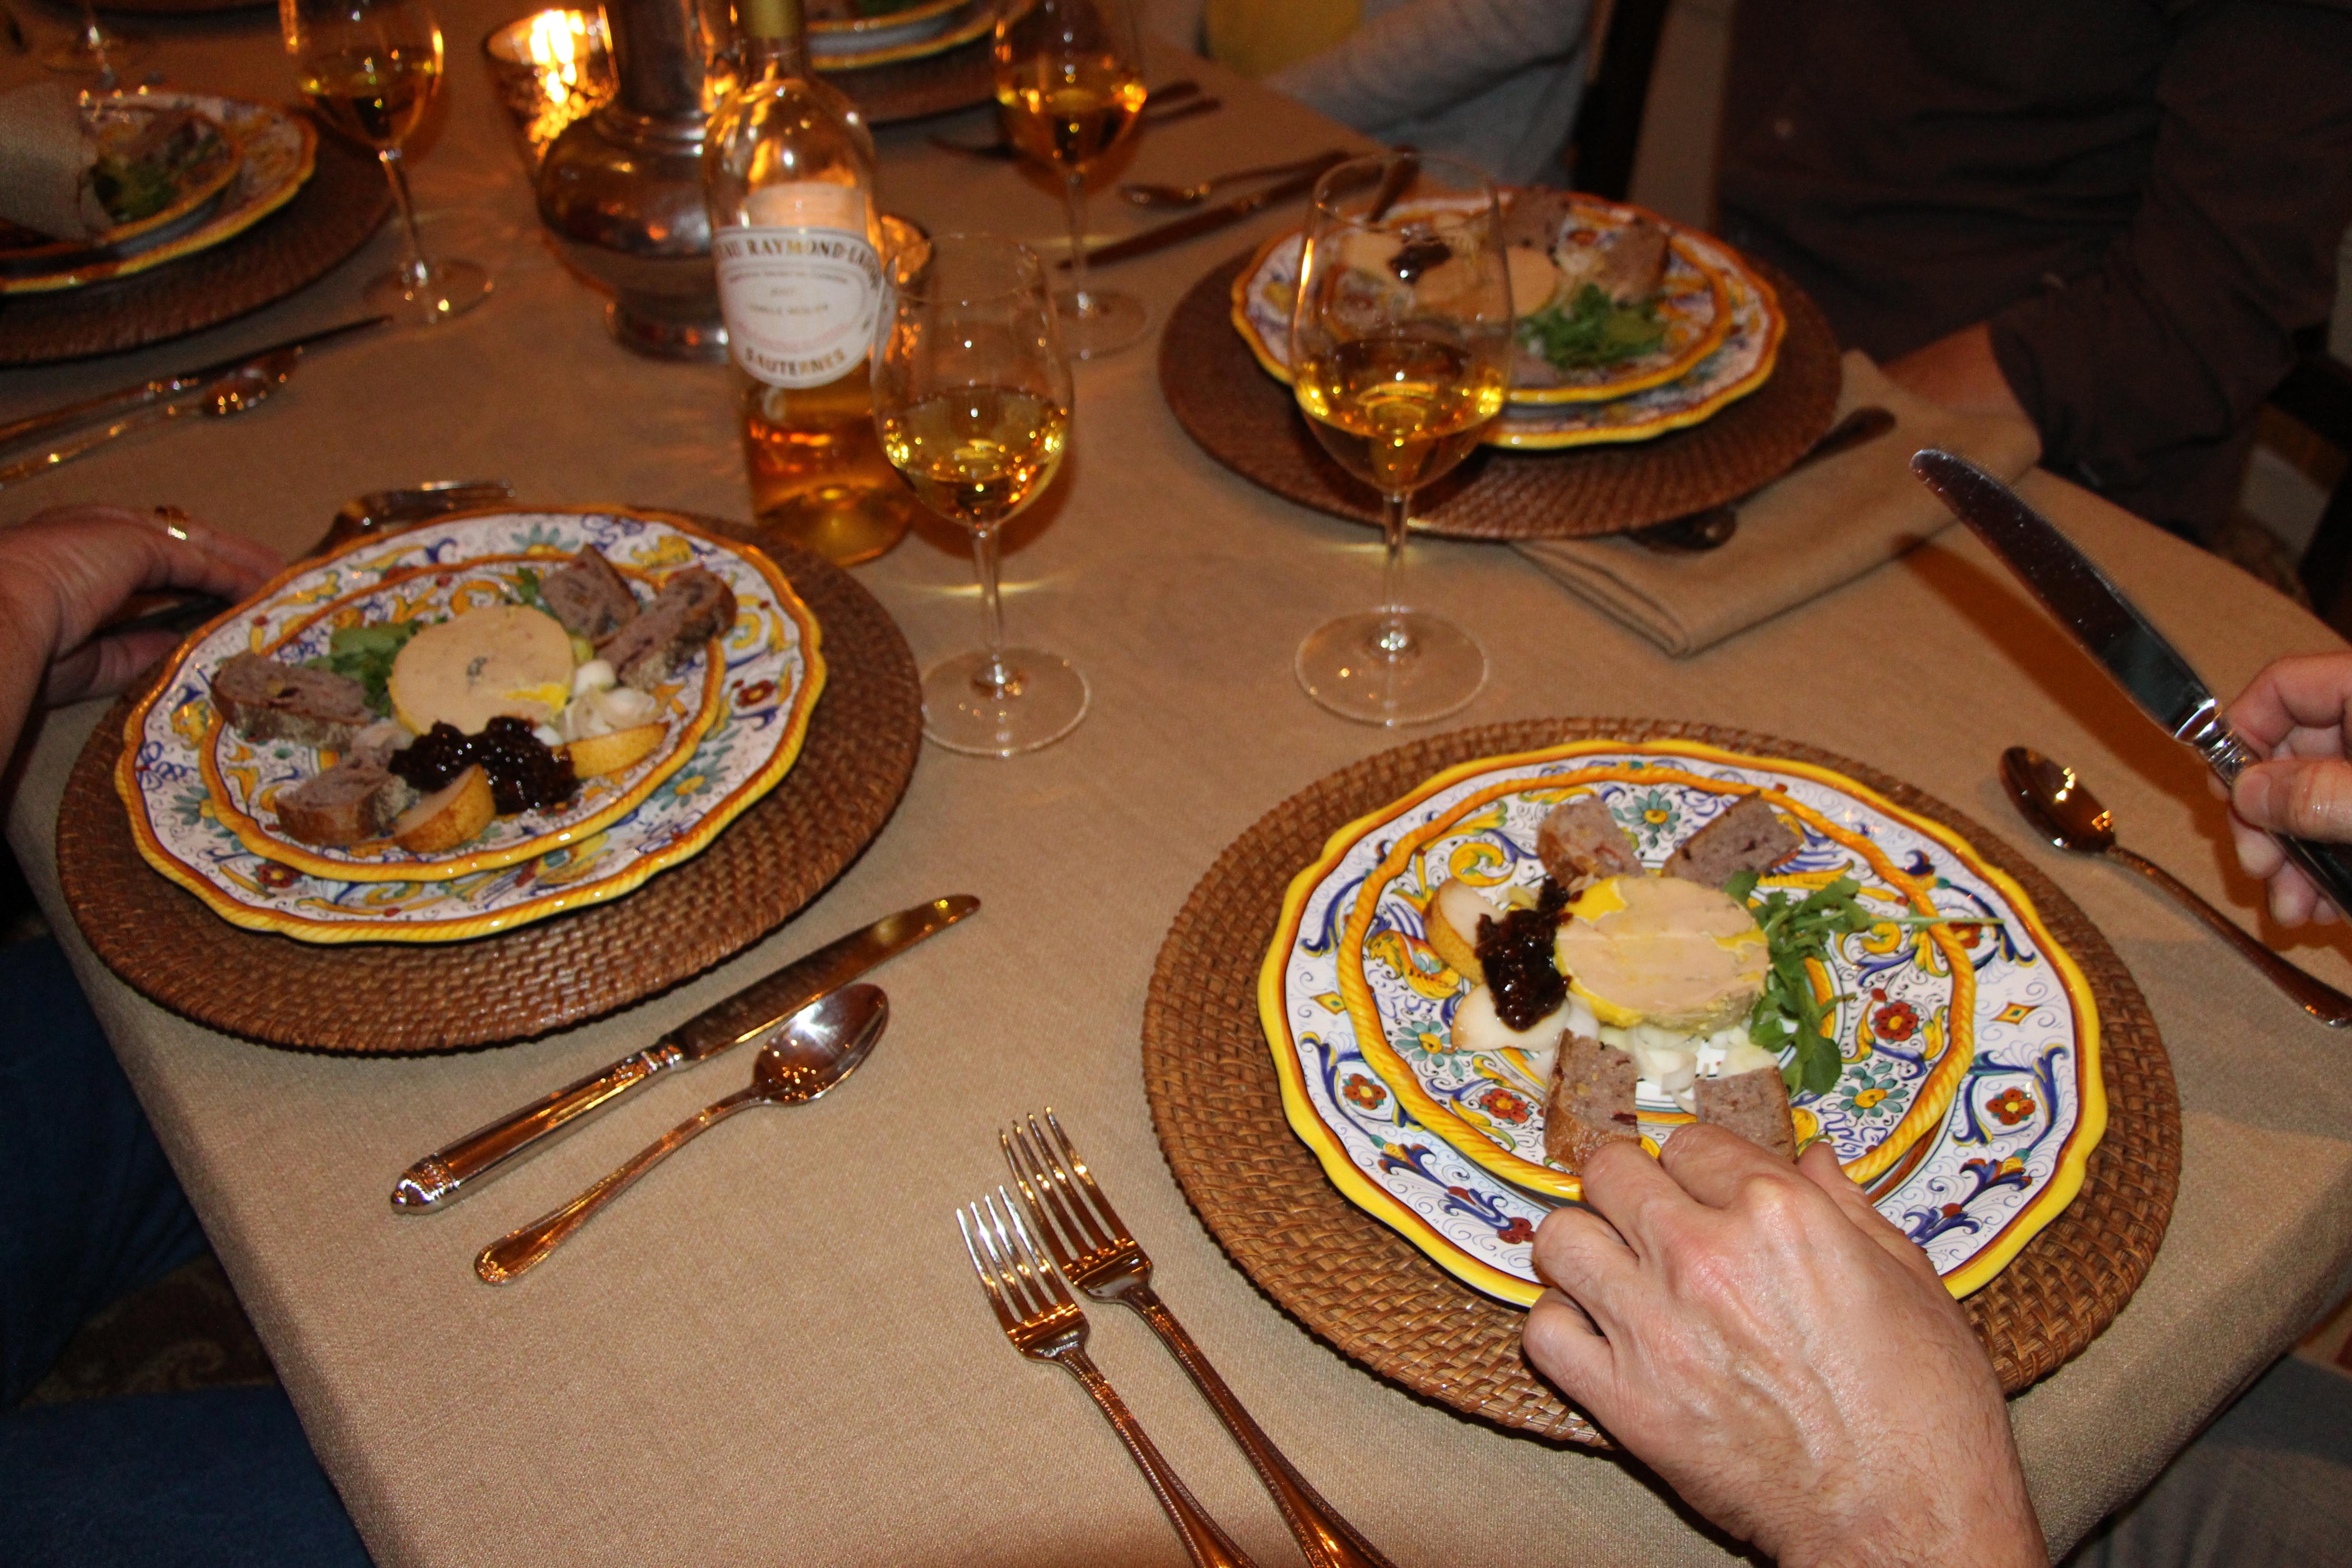 IMG_2129 & Holiday Entertaining with Saxony Damask u0026 Burlap Table Linens ...